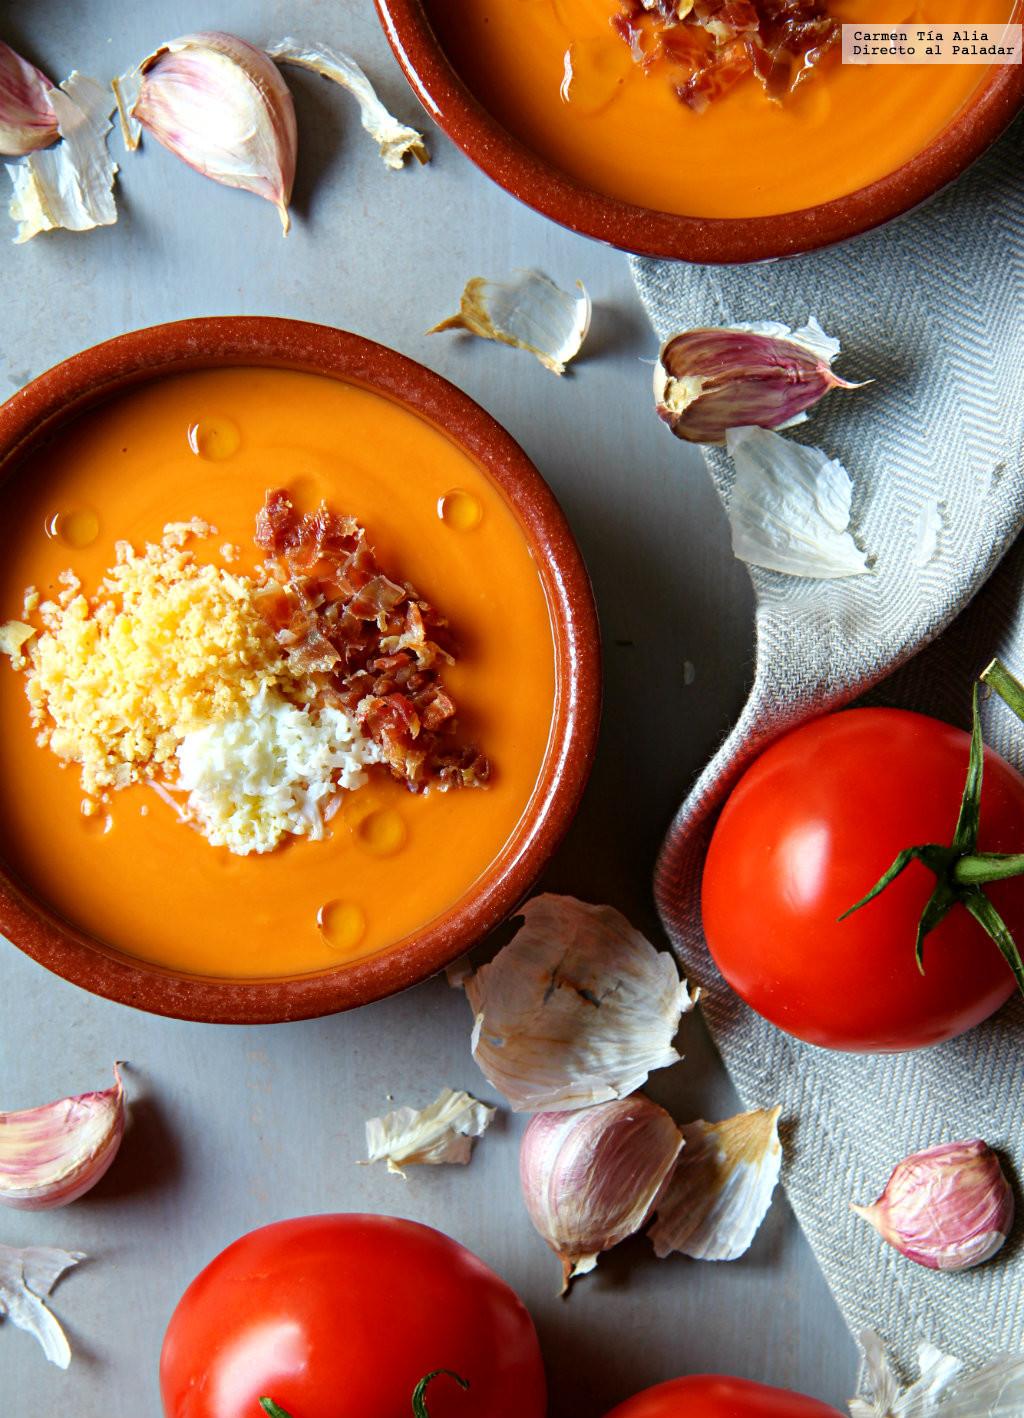 receta salmorejo andaluz casero